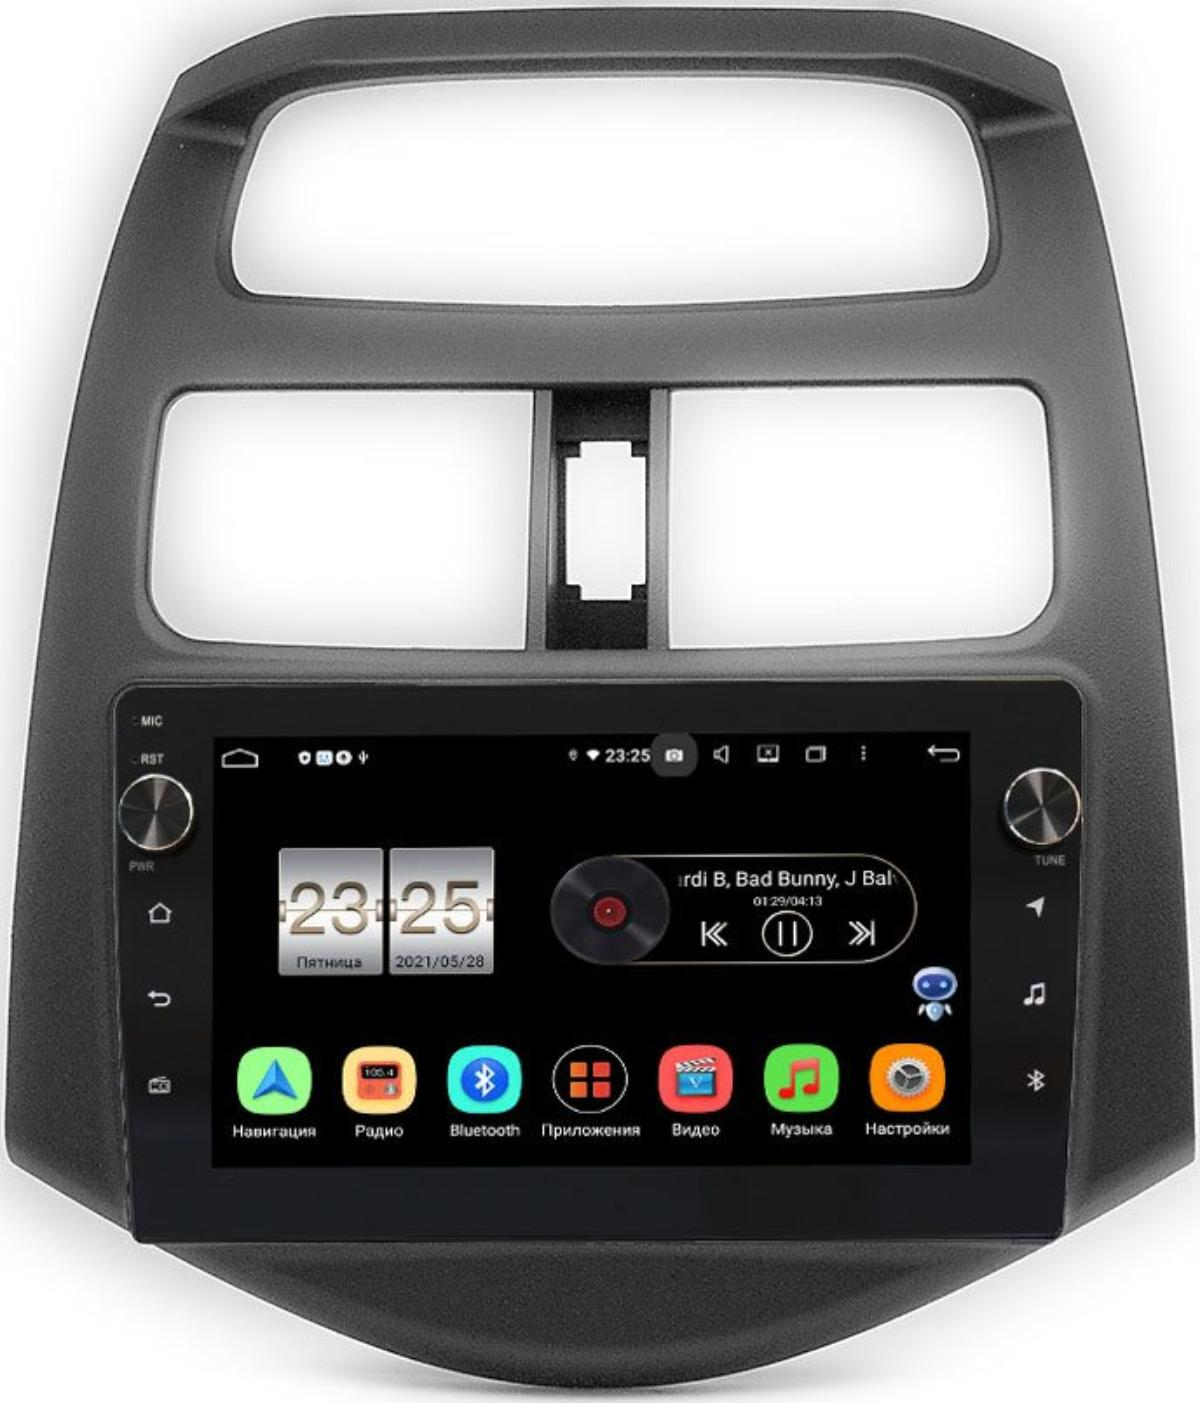 Штатная магнитола Chevrolet Spark III 2009-2016 (матовая) LeTrun BPX609-180 на Android 10 (4/64, DSP, IPS, с голосовым ассистентом, с крутилками) (+ Камера заднего вида в подарок!)